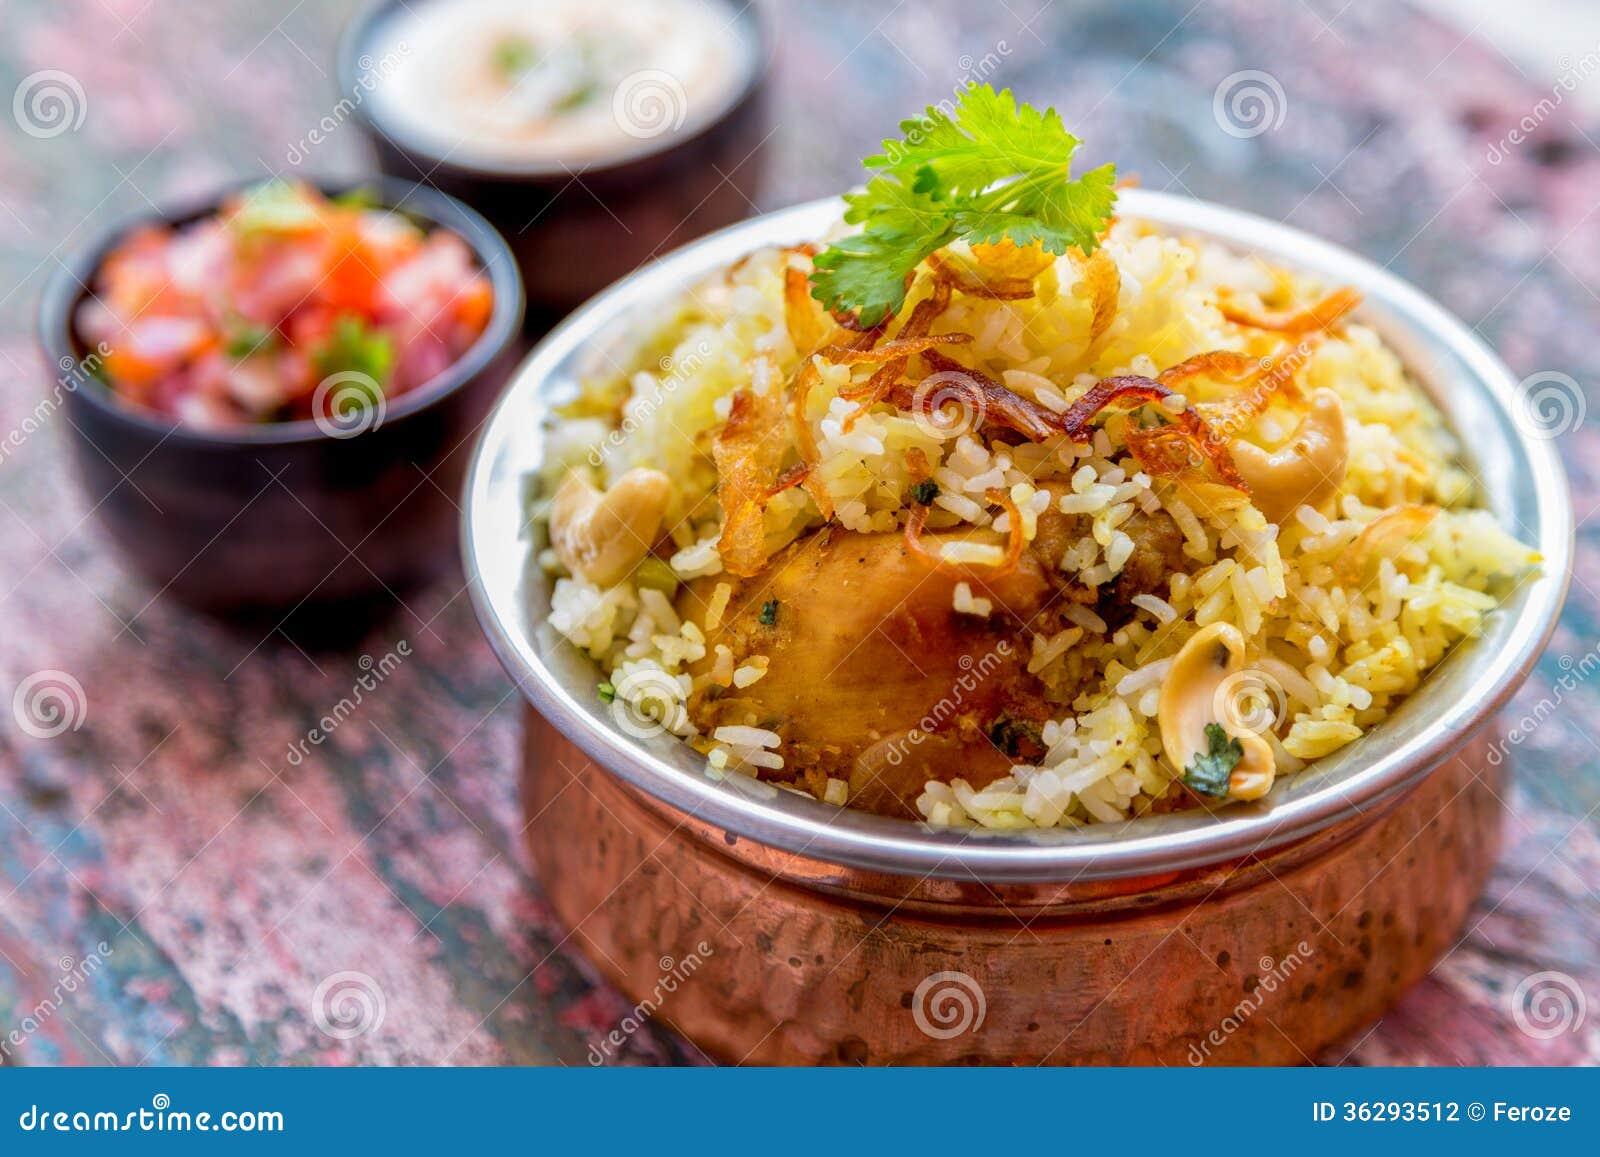 Vegetable biryani stock photo. Image of grains, indian 29663536.